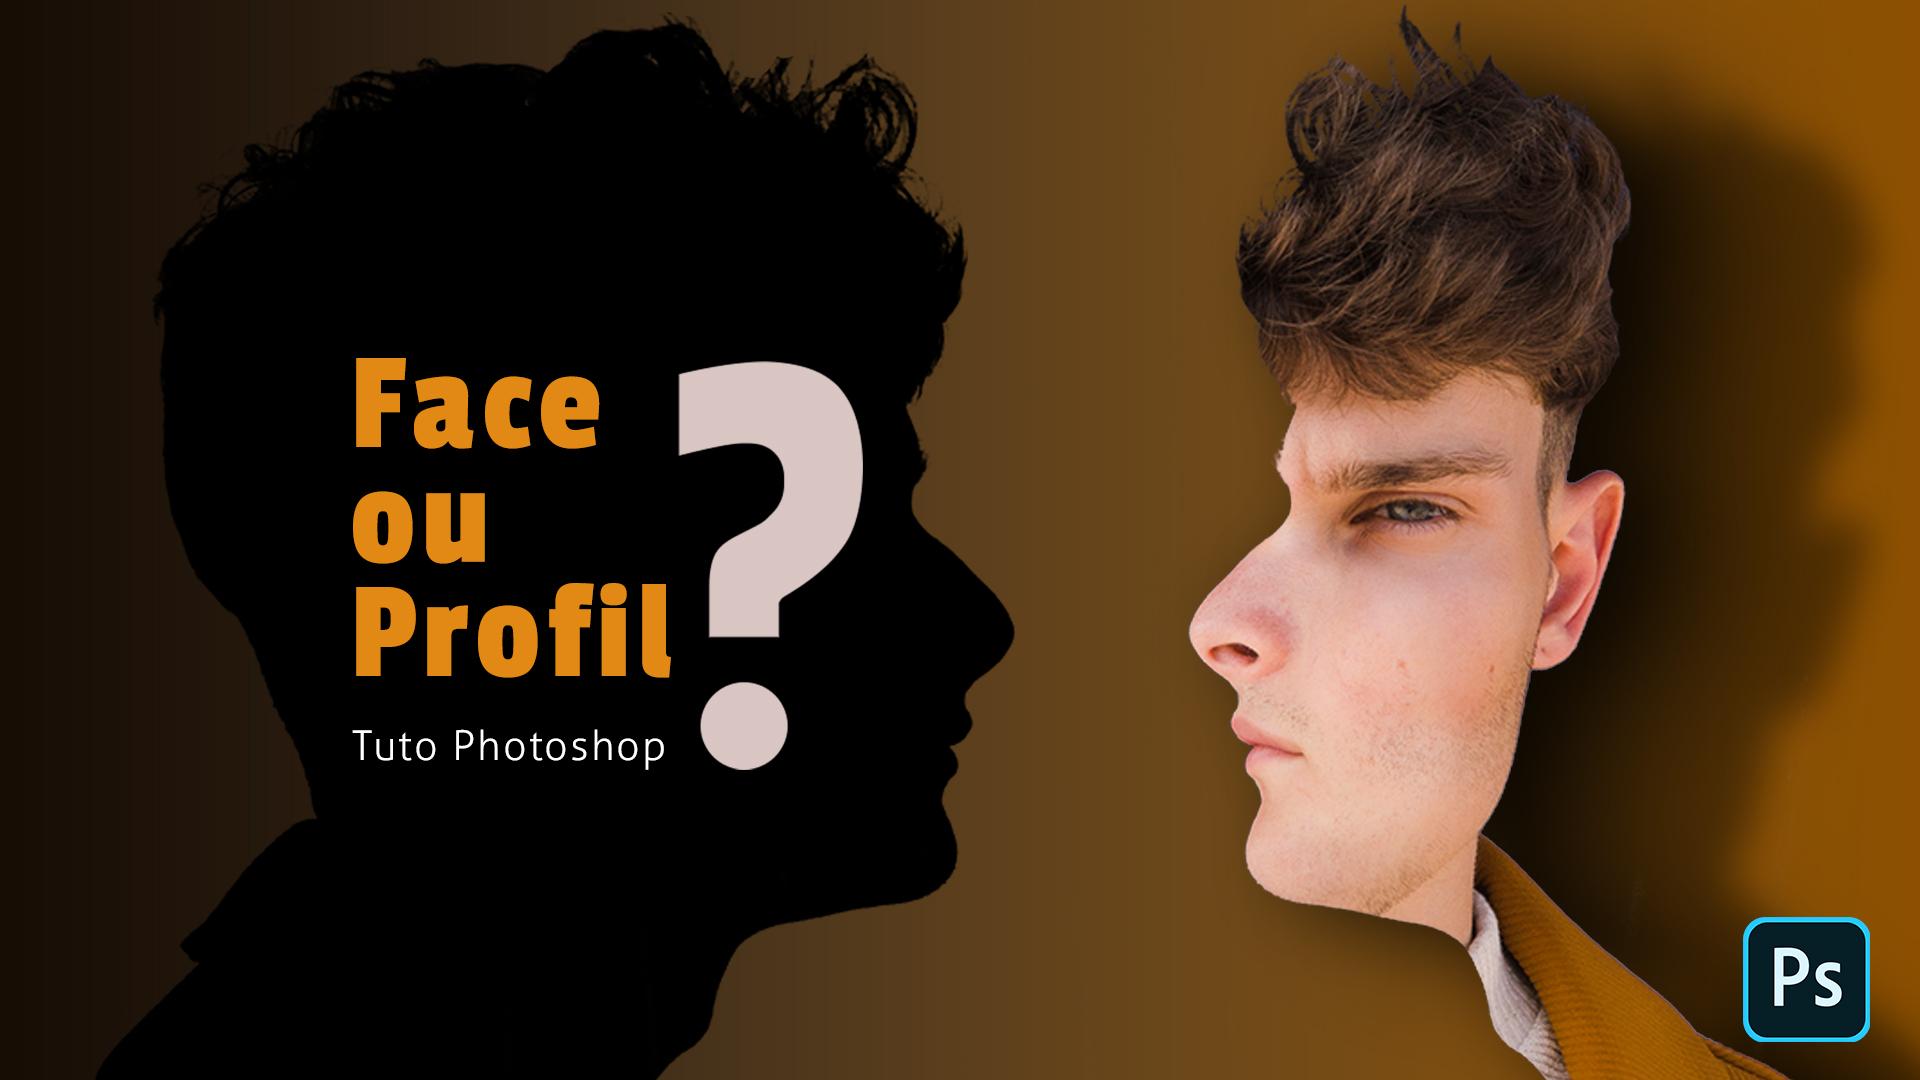 Comment mélanger un profil et une face tuto Photoshop